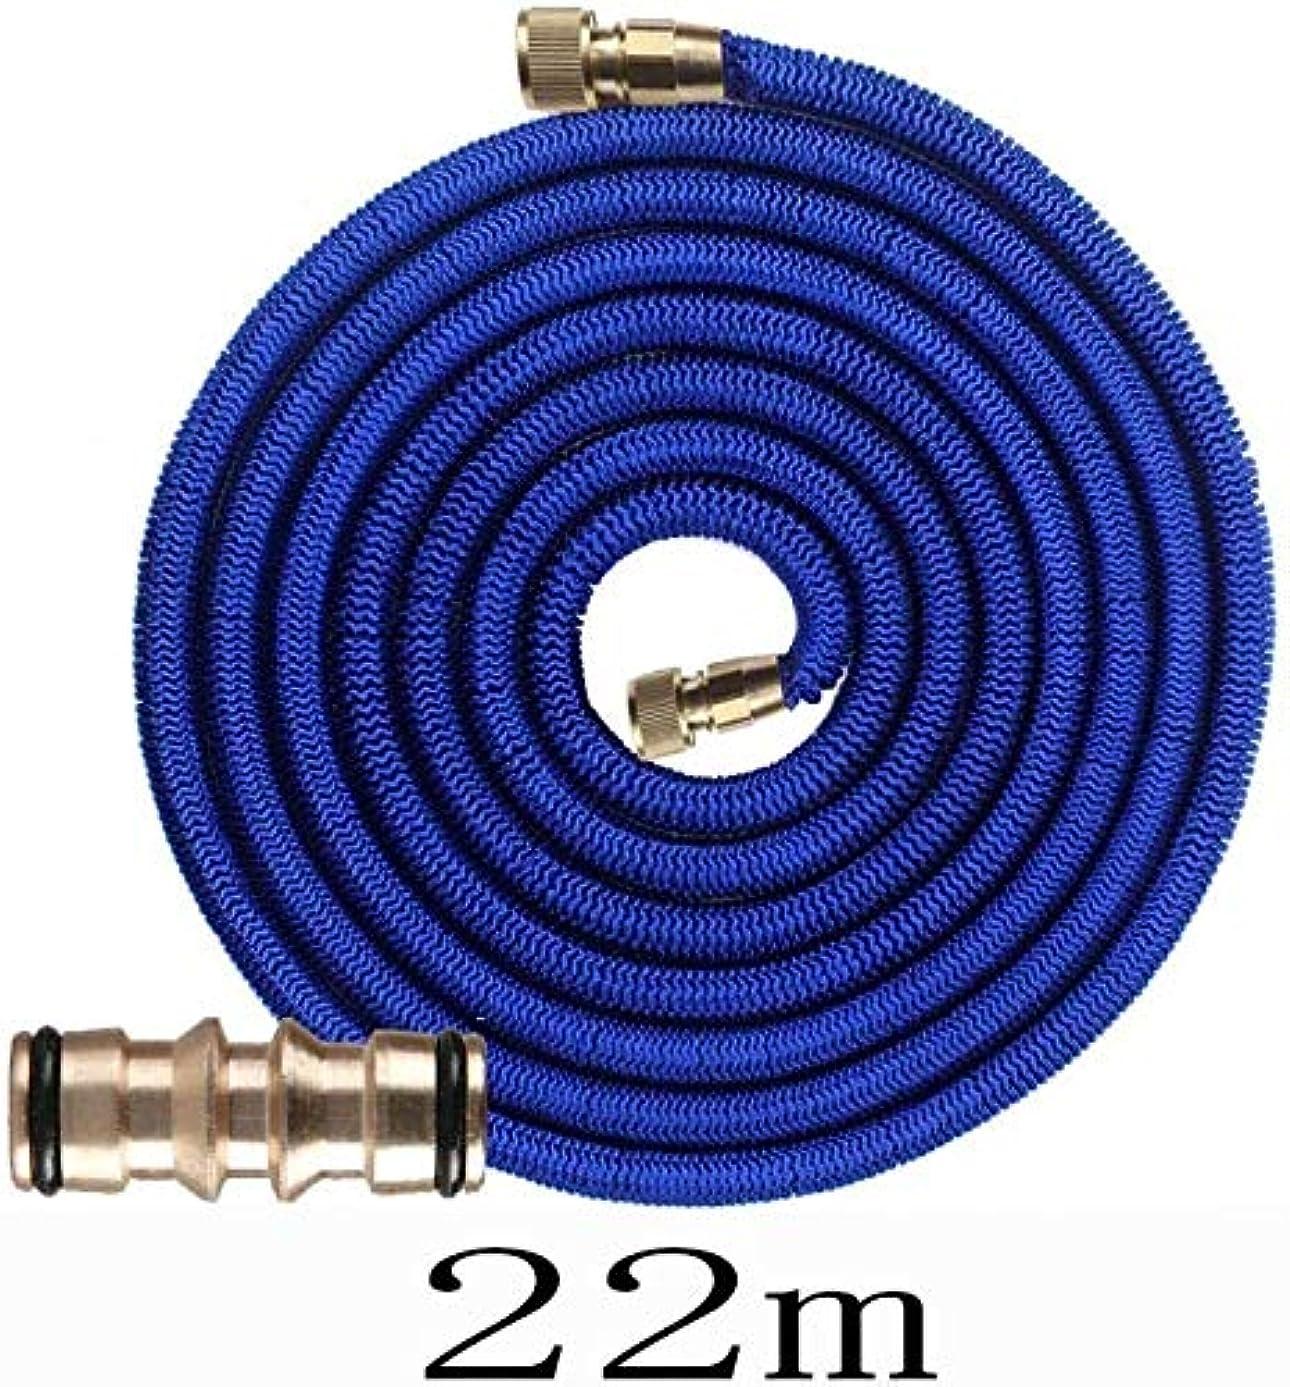 トレッドダース乏しい庭用灌漑システム 30M、ガーデンホースノズルスプレーS、合金、灌漑ツール@望遠鏡の水道管、シームレスパイプ、 (Color : 22m+twoway Joint)